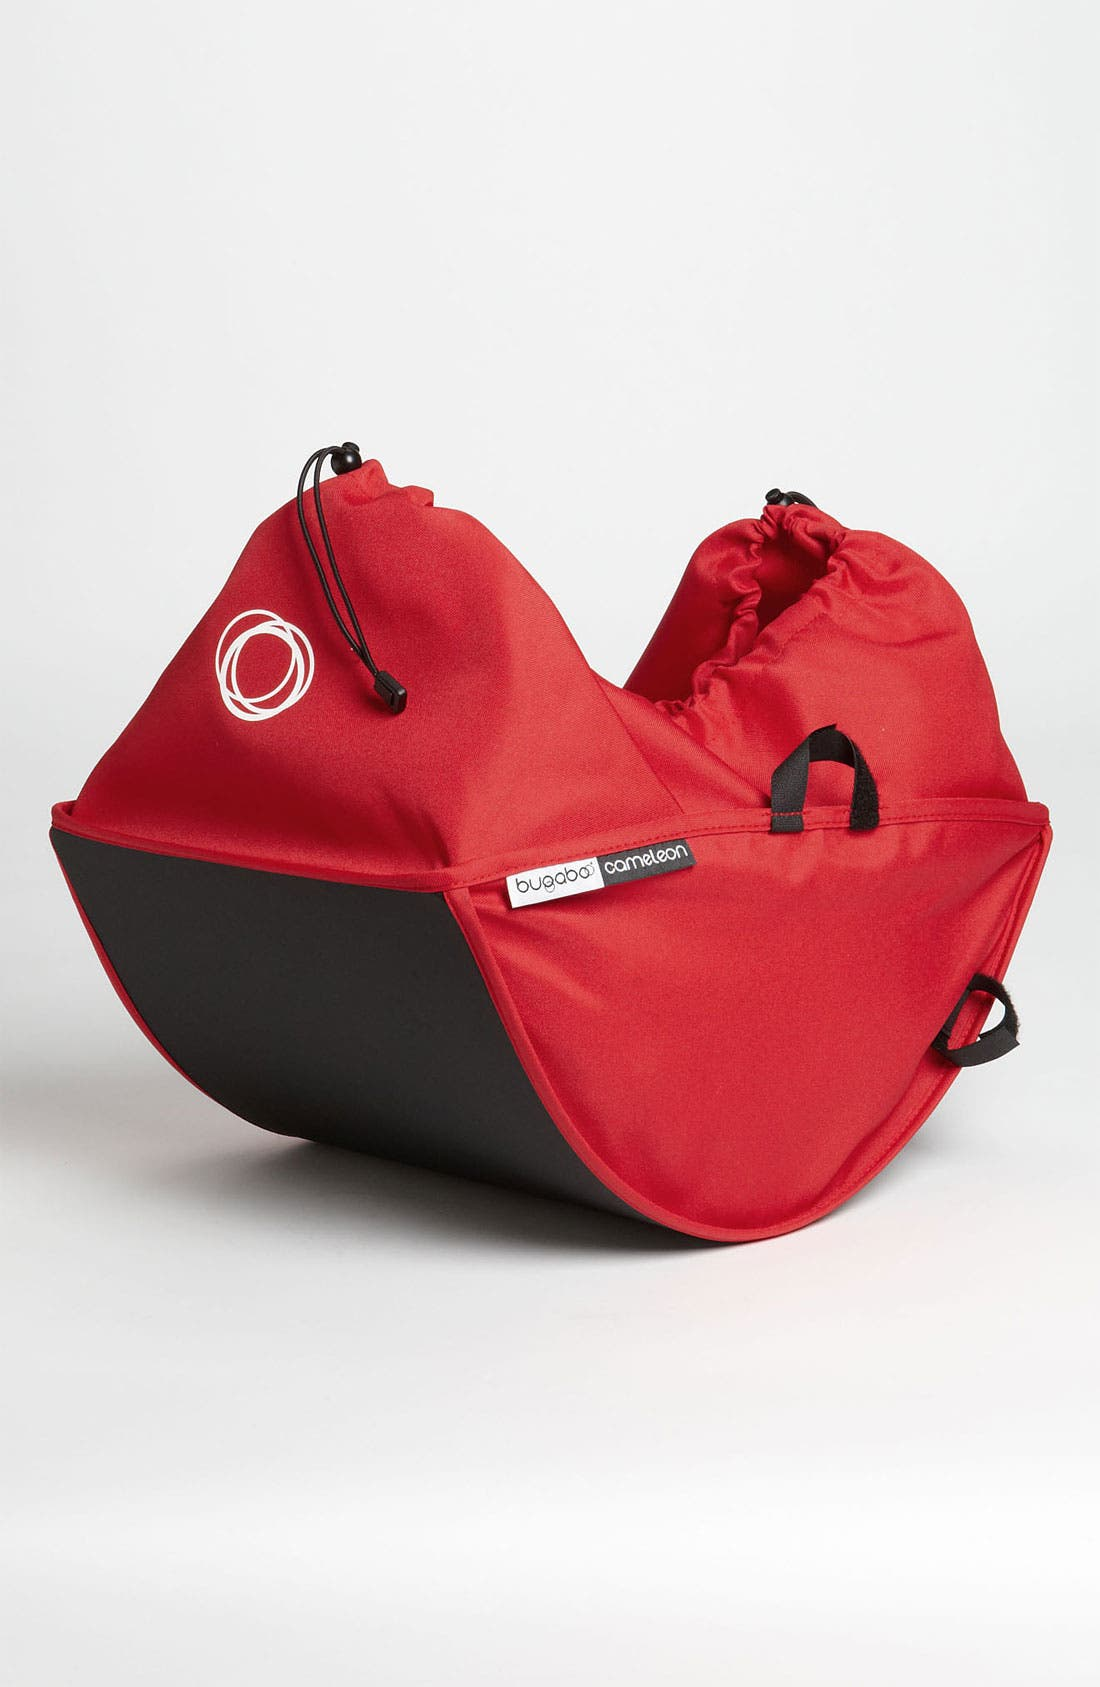 Alternate Image 1 Selected - Bugaboo 'Cameleon' Stroller Under Seat Bag